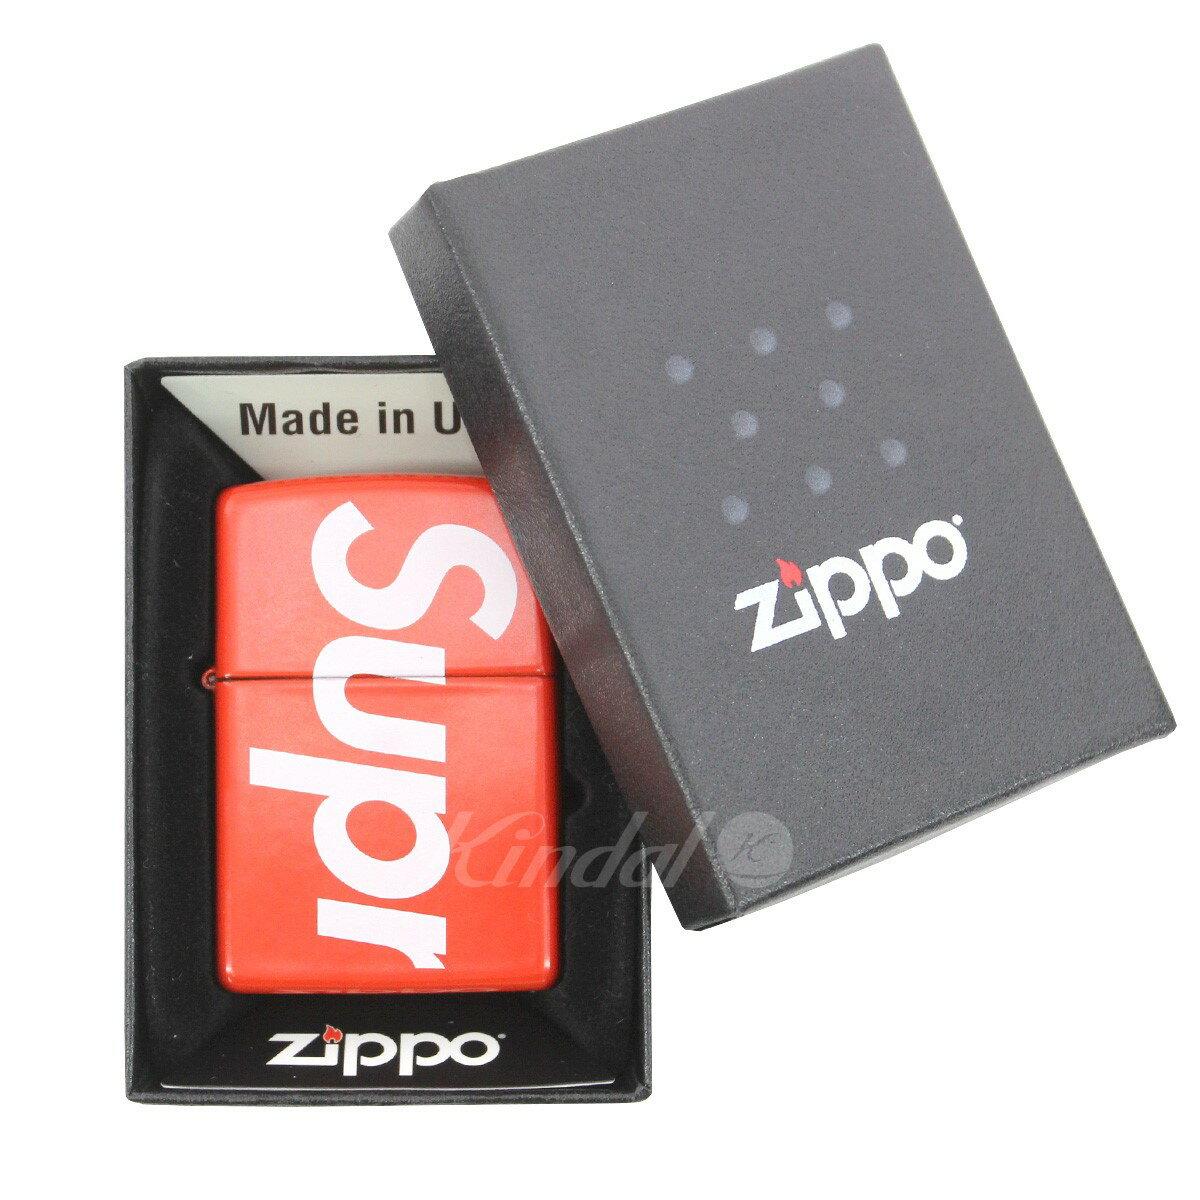 【中古】SUPREME 18SS Logo Zippo ロゴジッポオイルライター レッド サイズ:- 【送料無料】 【020419】(シュプリーム)